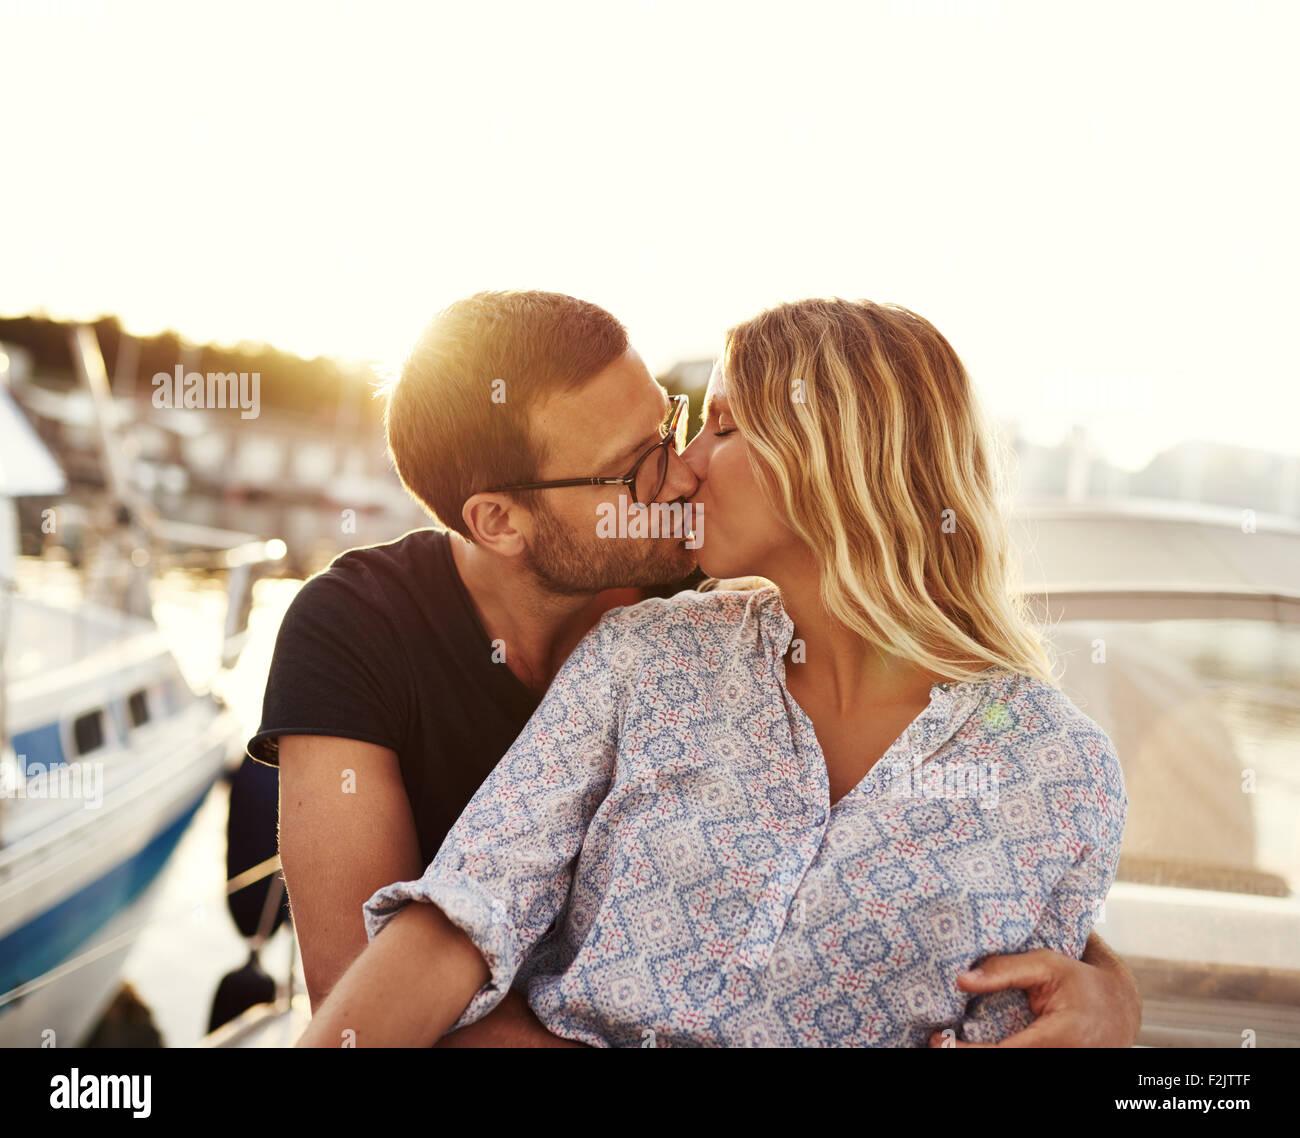 Mann und Frau Küssen auf einem Boot, Sonnenuntergang Stockbild